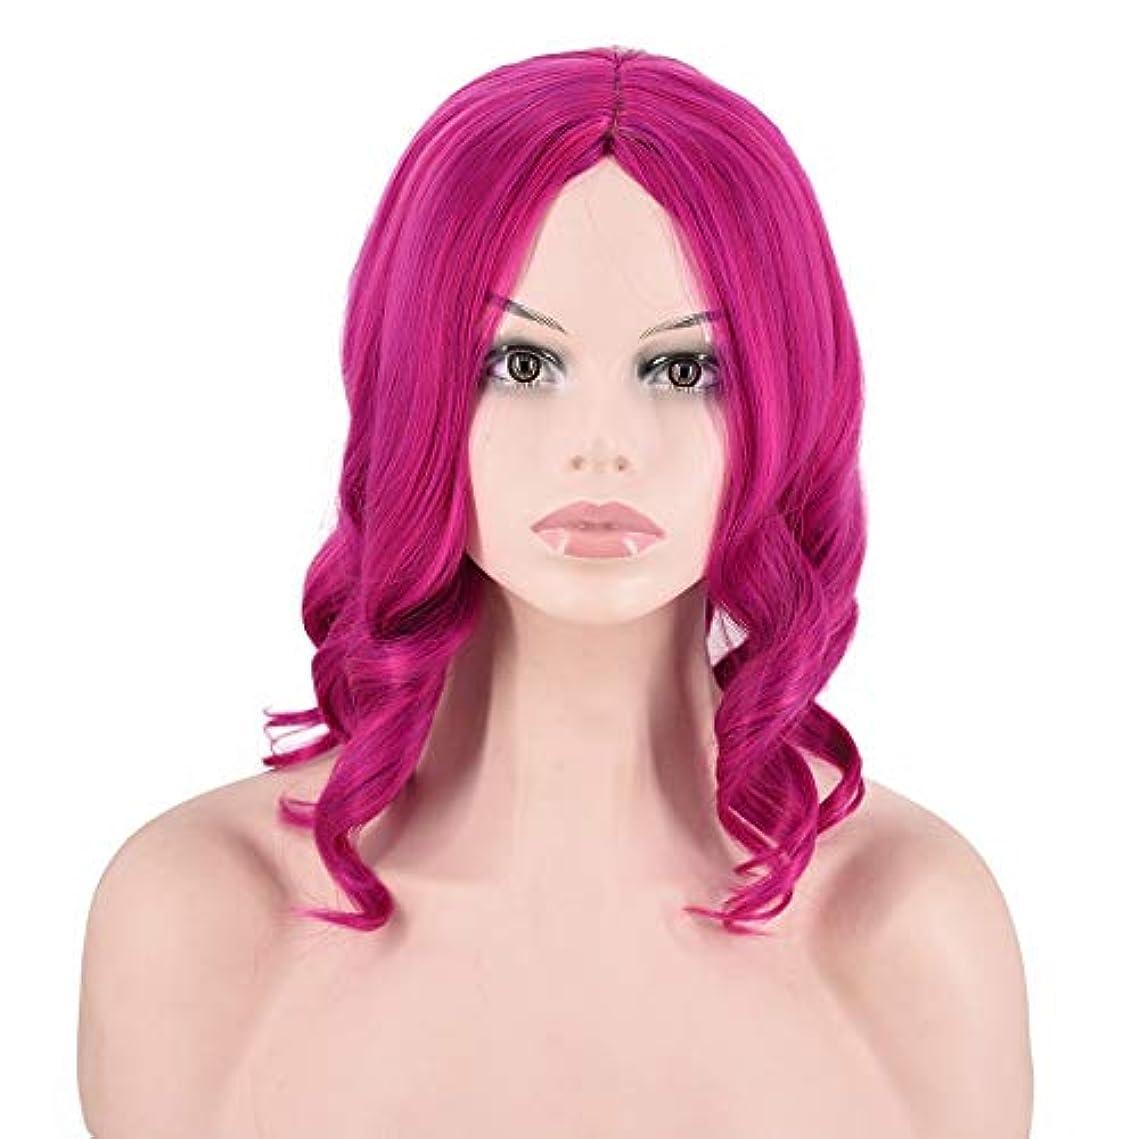 進化するだらしないミニチュアYOUQIU 女性のファッションの毎日髪のかつらのためにローズレッドコスプレウィッグカーリーボブヘアーウェーブスタイル (色 : Photo Color)